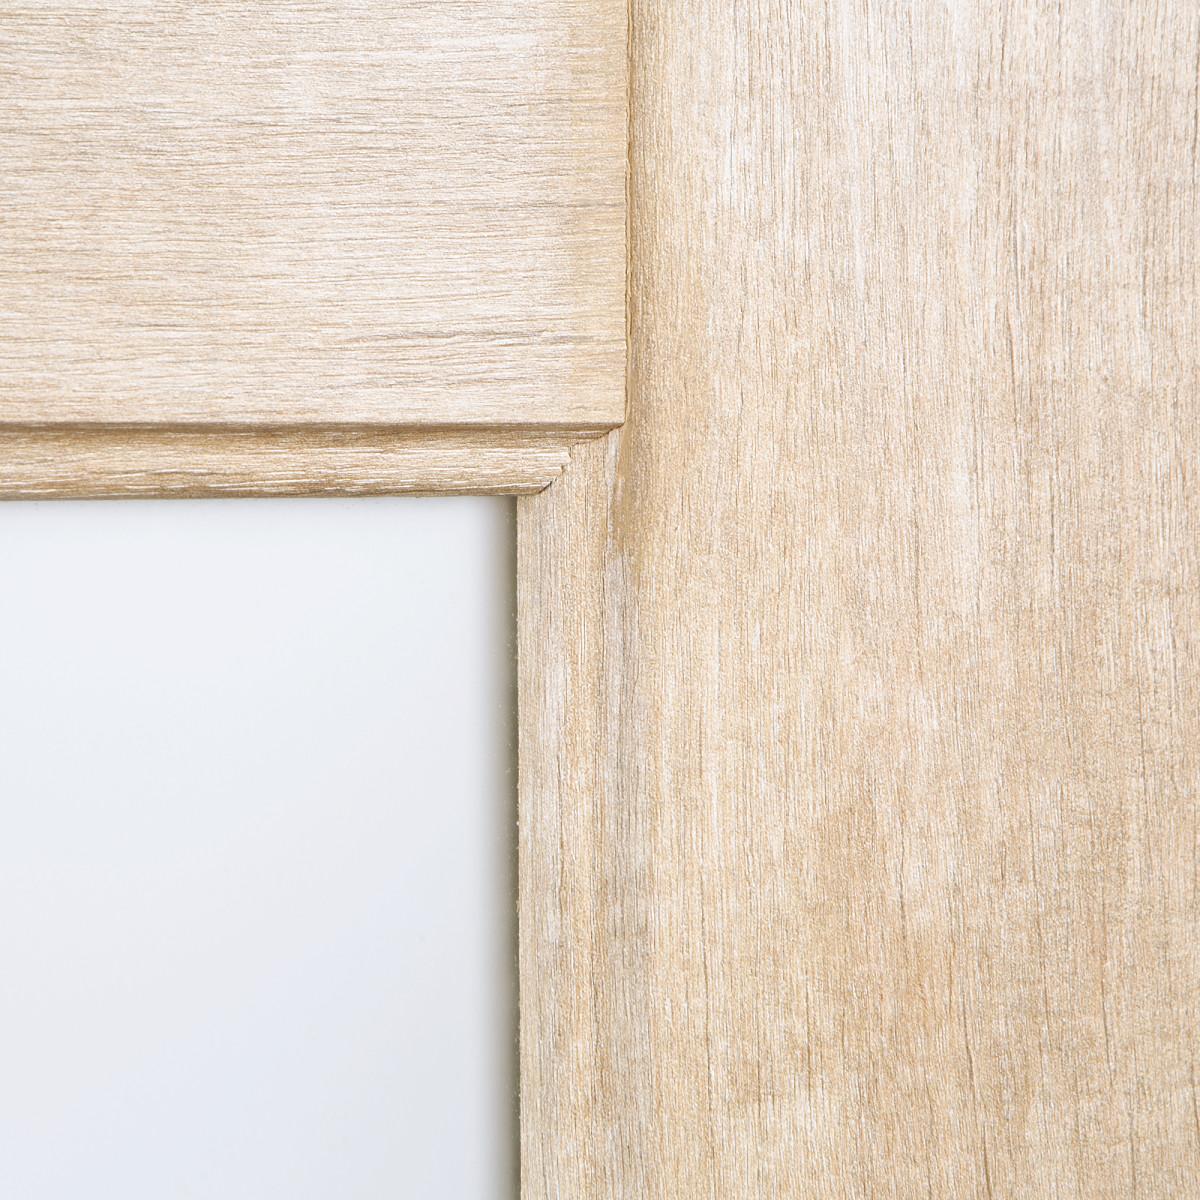 Дверь Межкомнатная Остеклённая Антико 60x200 Цвет Винтажный Дуб